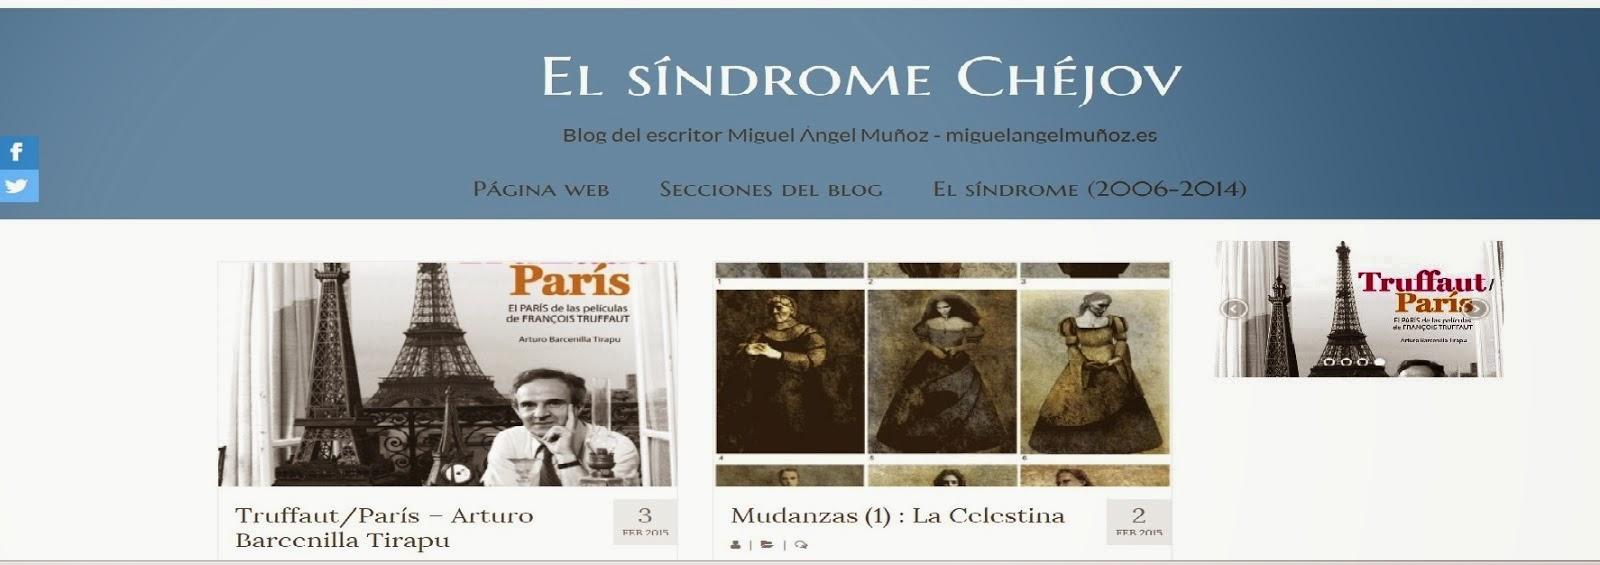 """Enlace a nuevo blog """"El síndrome Chéjov"""""""